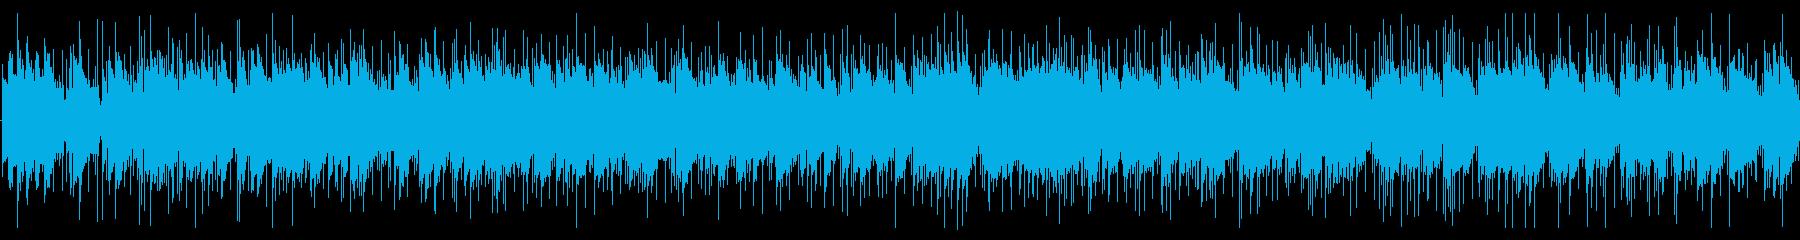 ノクターン第2番 ギターverの再生済みの波形